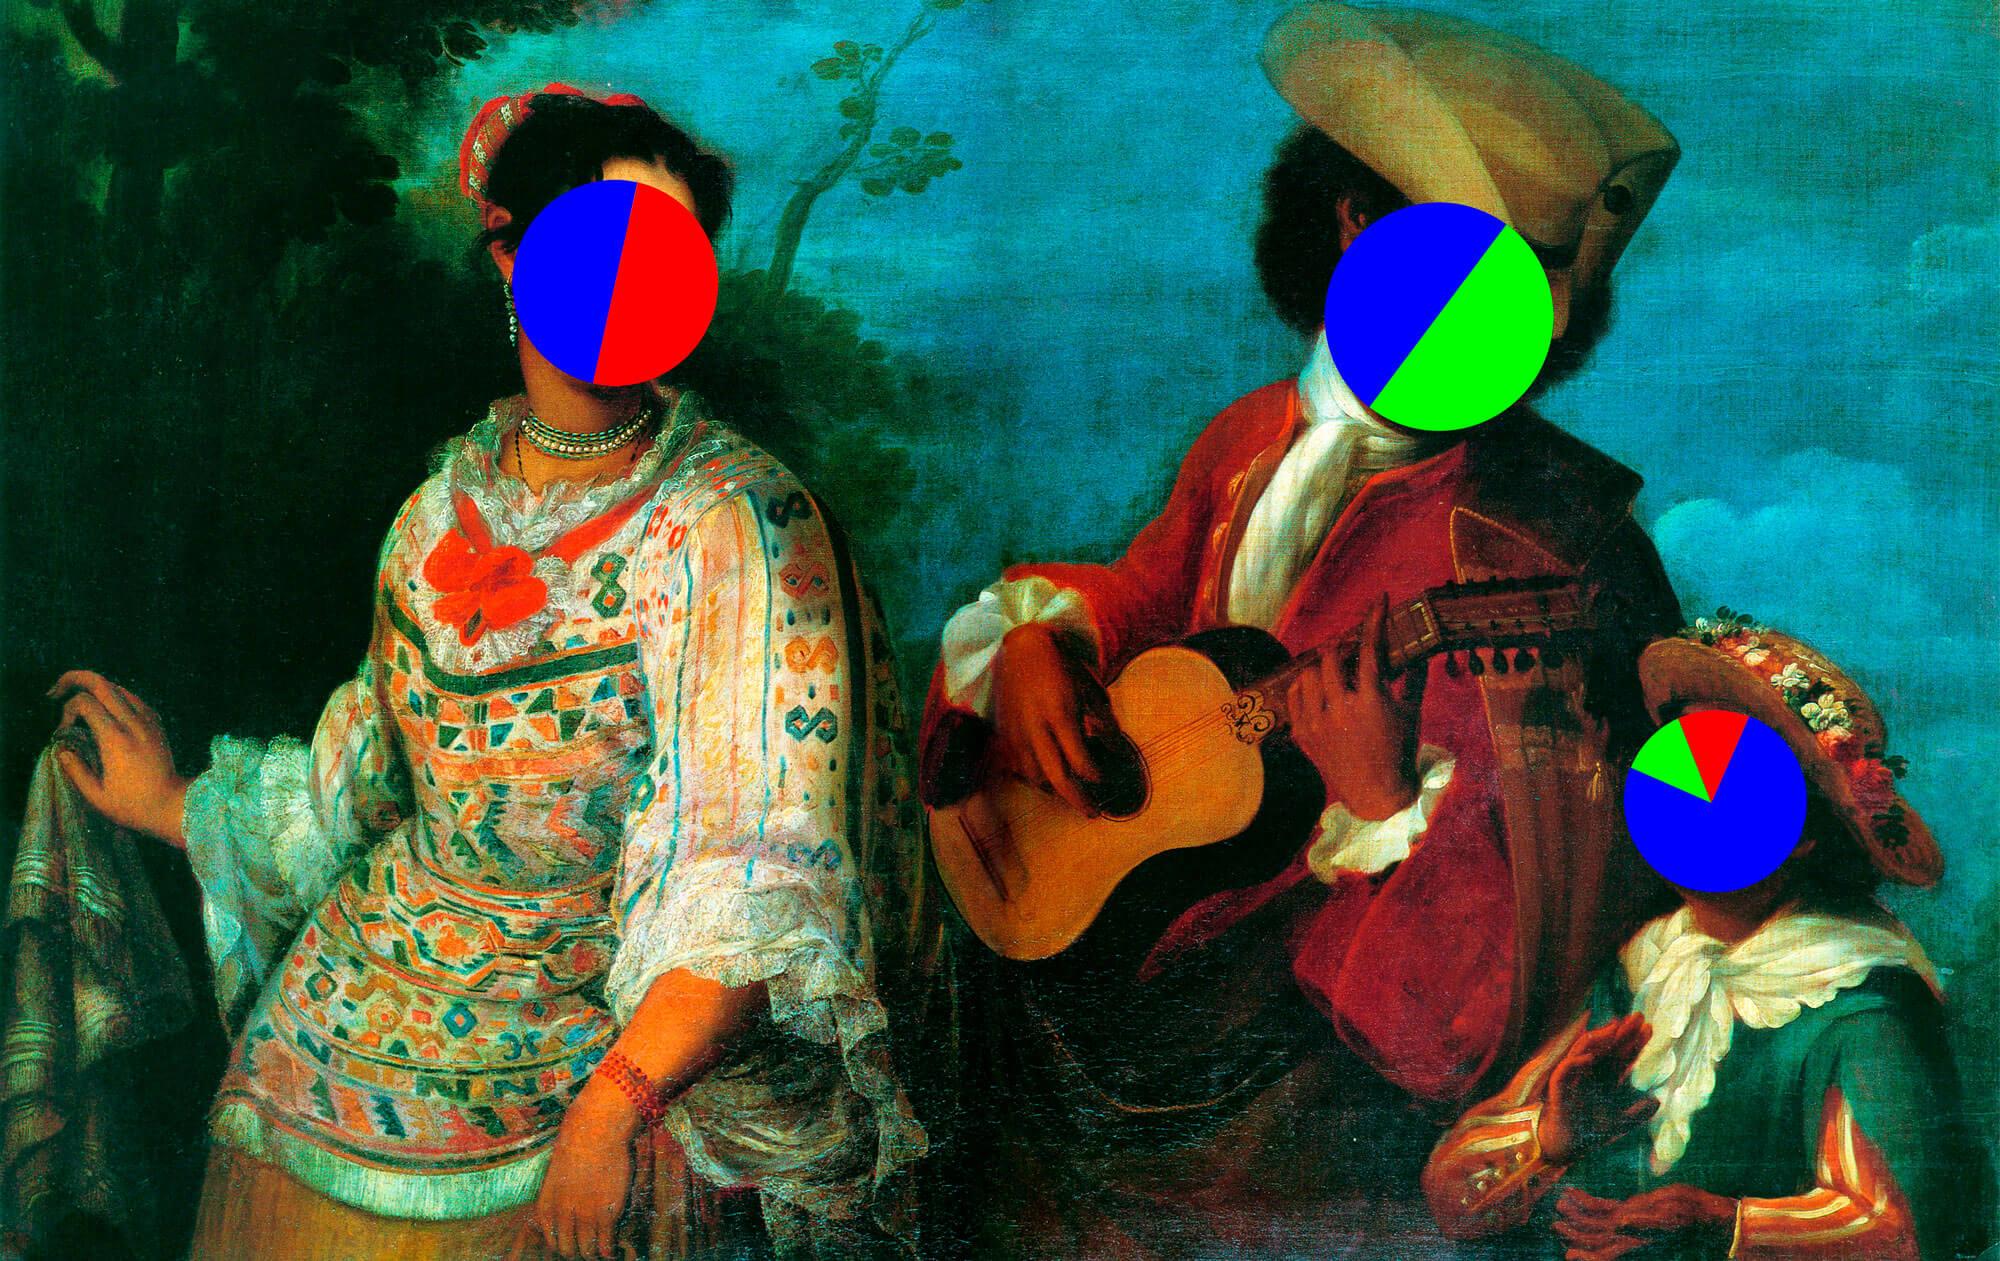 Étude taxonomique-comparative entre les castes de la Nouvelle Espagne et celles du Mexique Contemporain [Estudio taxonómico comparativo entre las castas de la Nueva España y las del México contemporáneo] | Re Mayor No Es Azul | Museo Amparo, Puebla